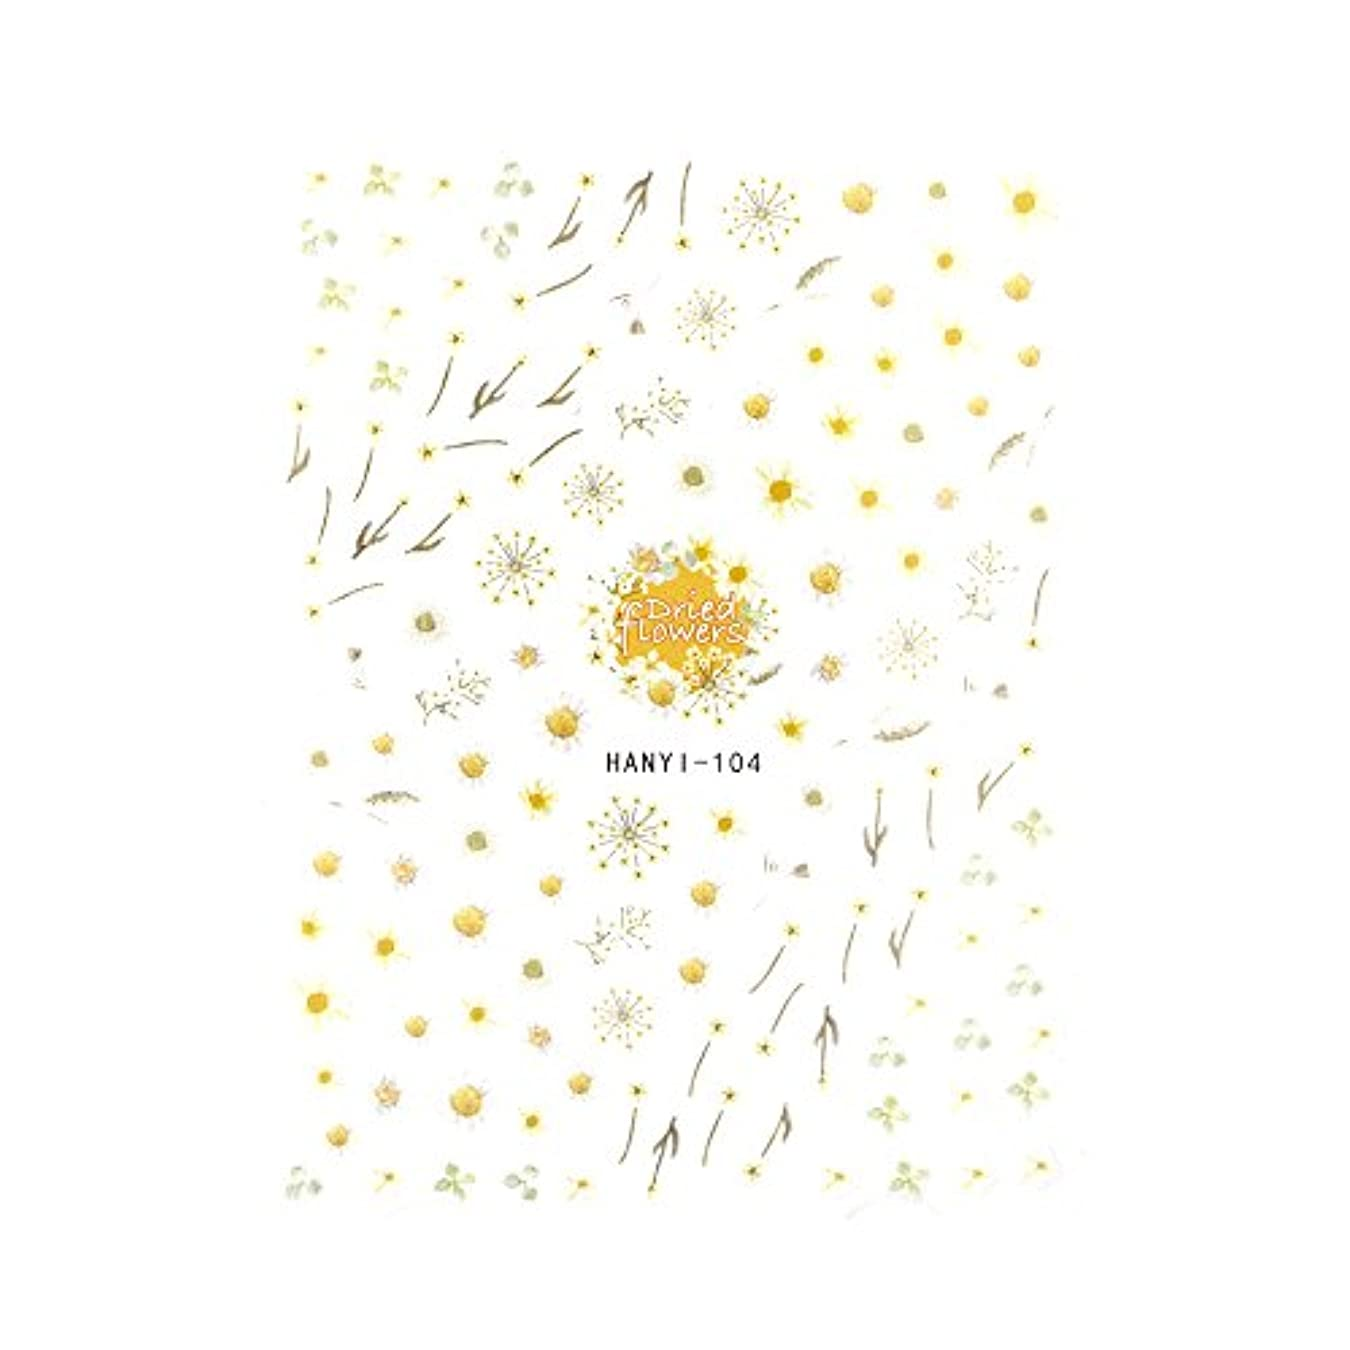 戦術どっちでも警告【HANYI-104】アイボリードライフラワーシール ドライフラワーネイル 花柄ネイル フルール 春ネイル ニュアンスネイル 押し花